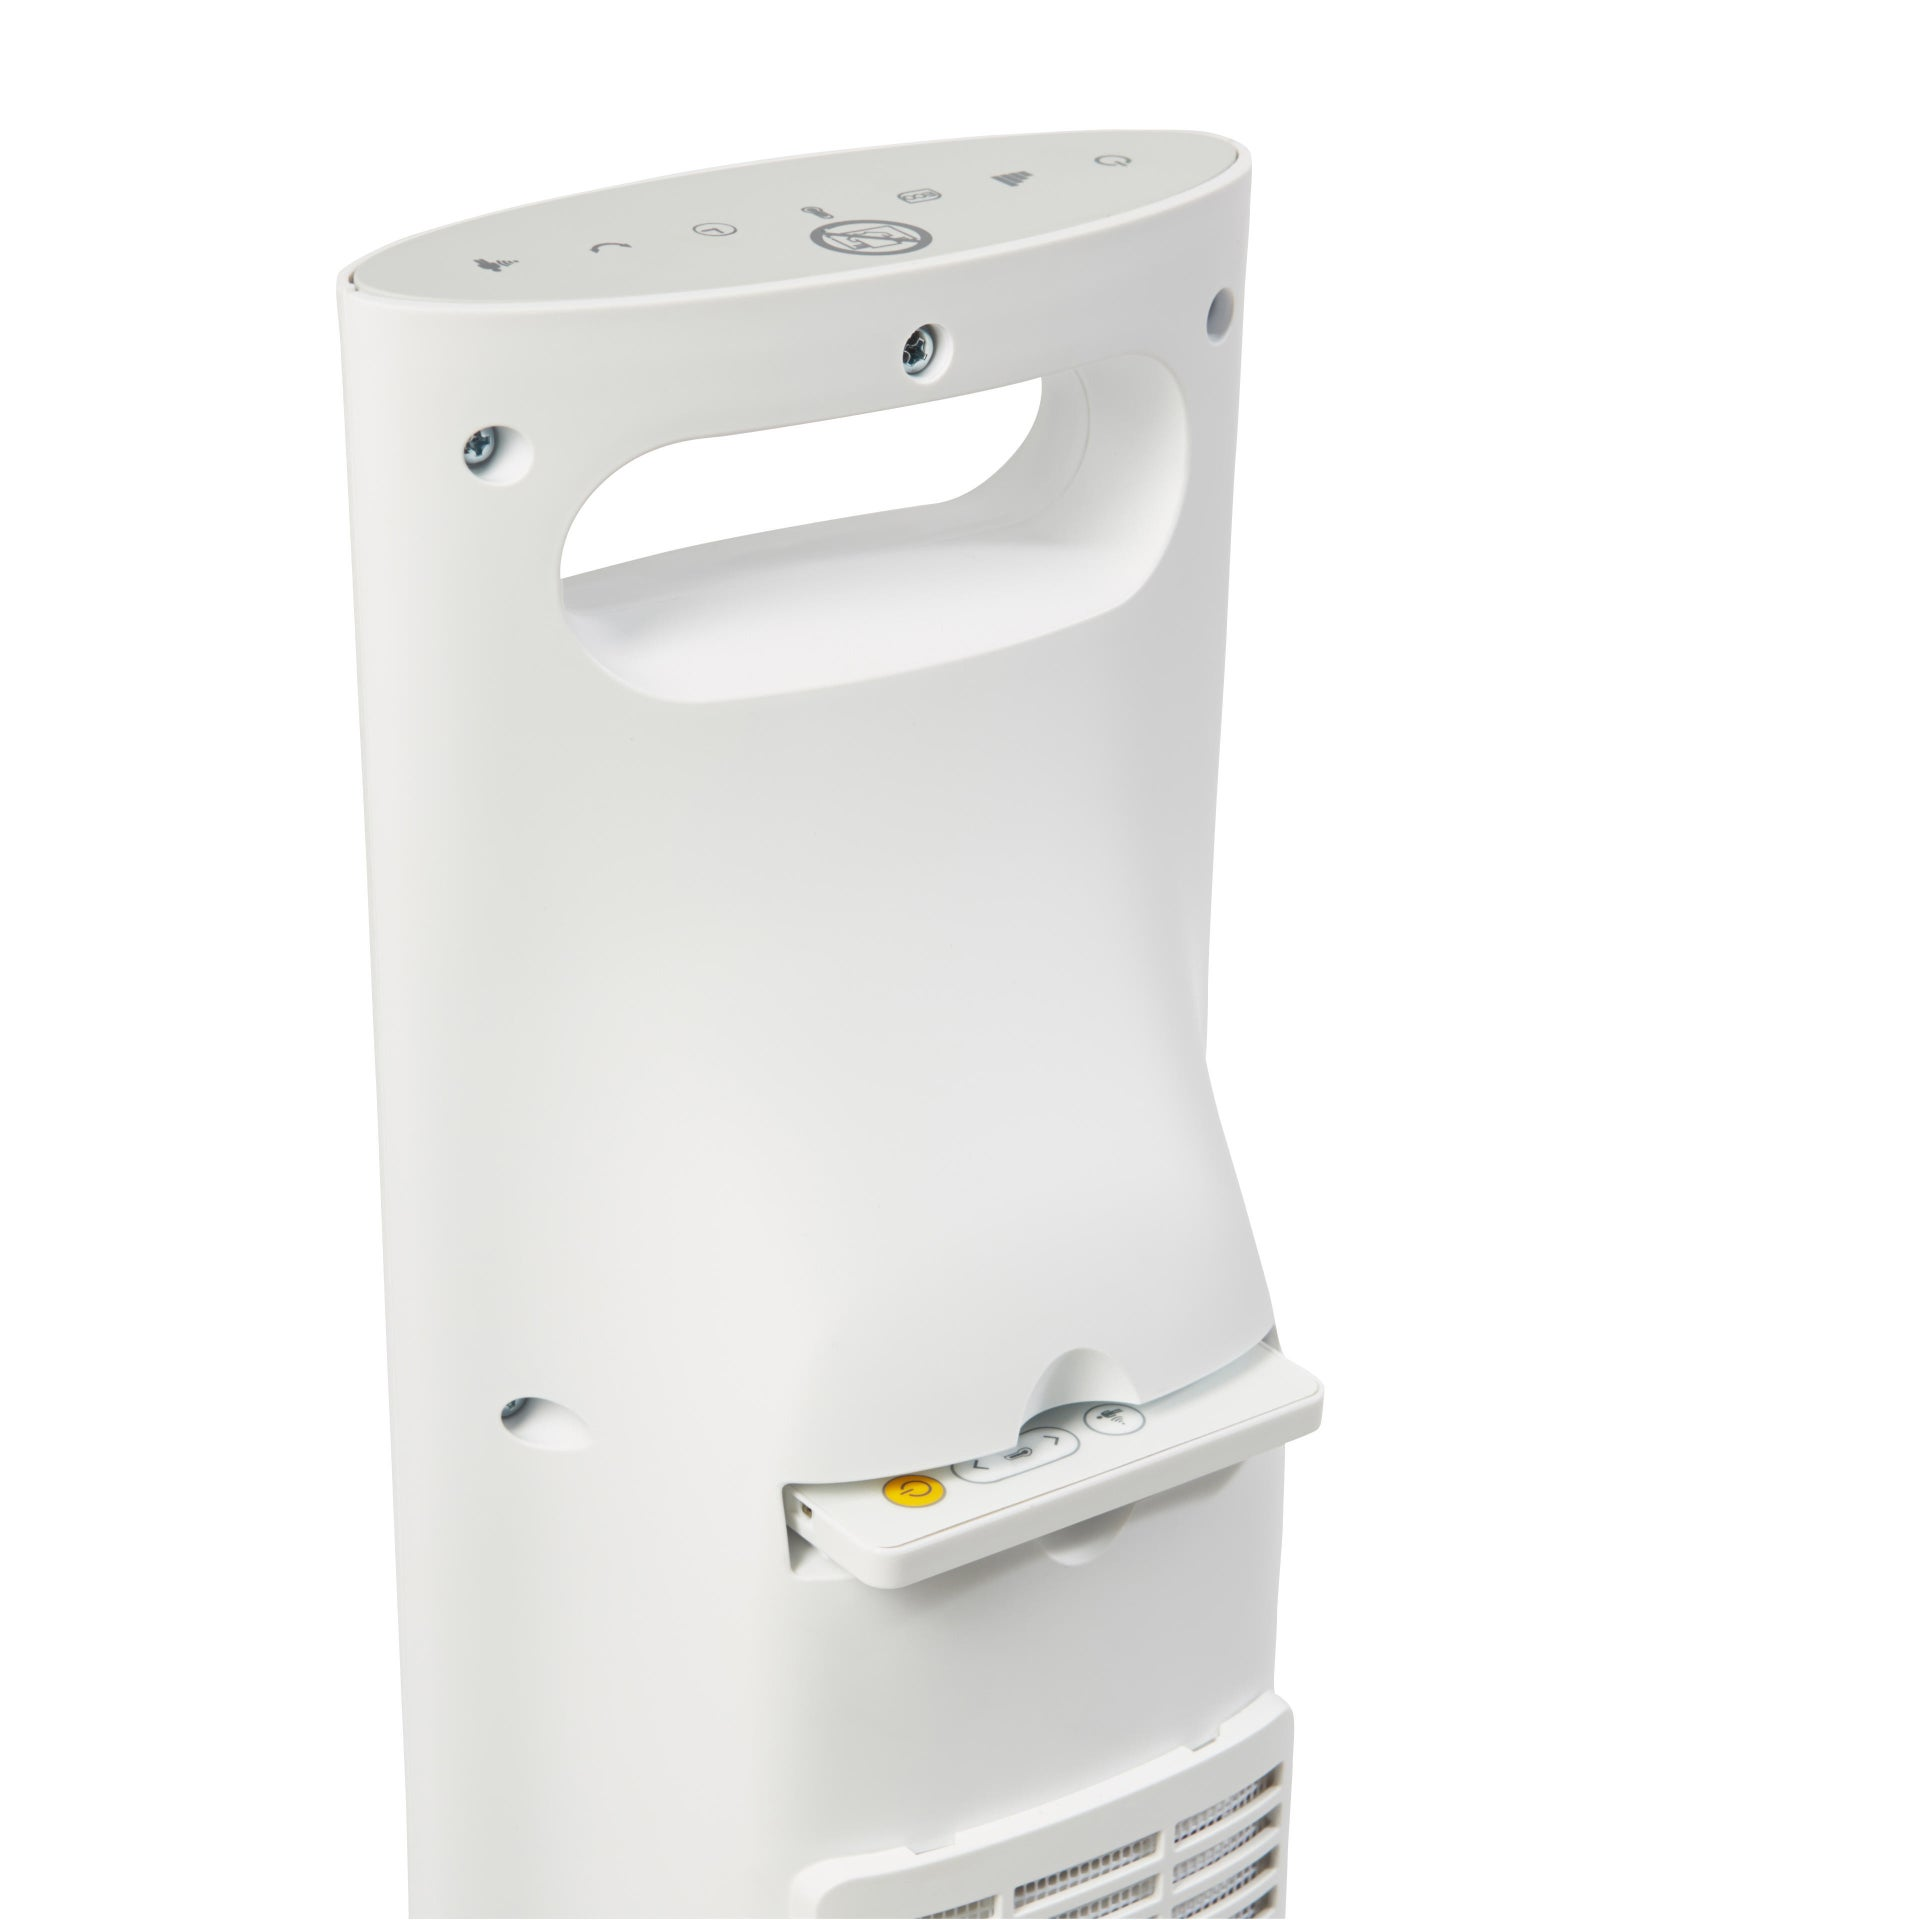 Termoventilatore elettrico EQUATION Presence bianco 2500 W - 11